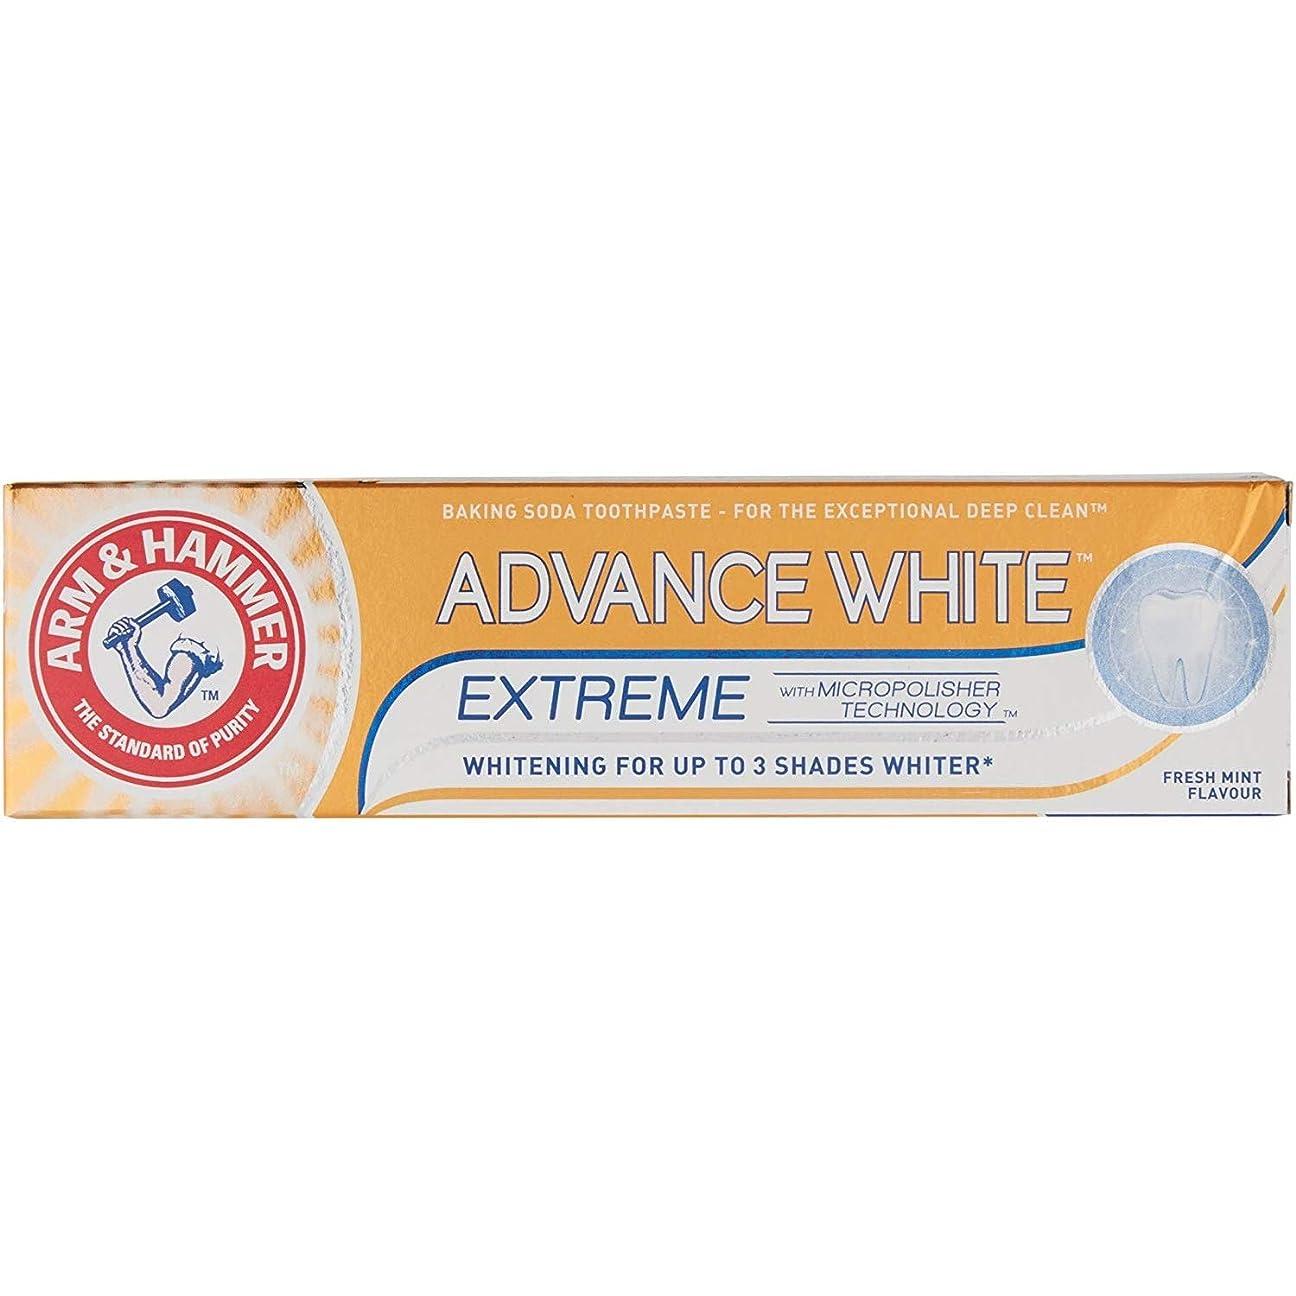 とティーム朝食を食べる返済Arm & Hammer Advance White Extreme Whitening Baking Soda Toothpaste 75Ml - Pack of 2 by Arm & Hammer